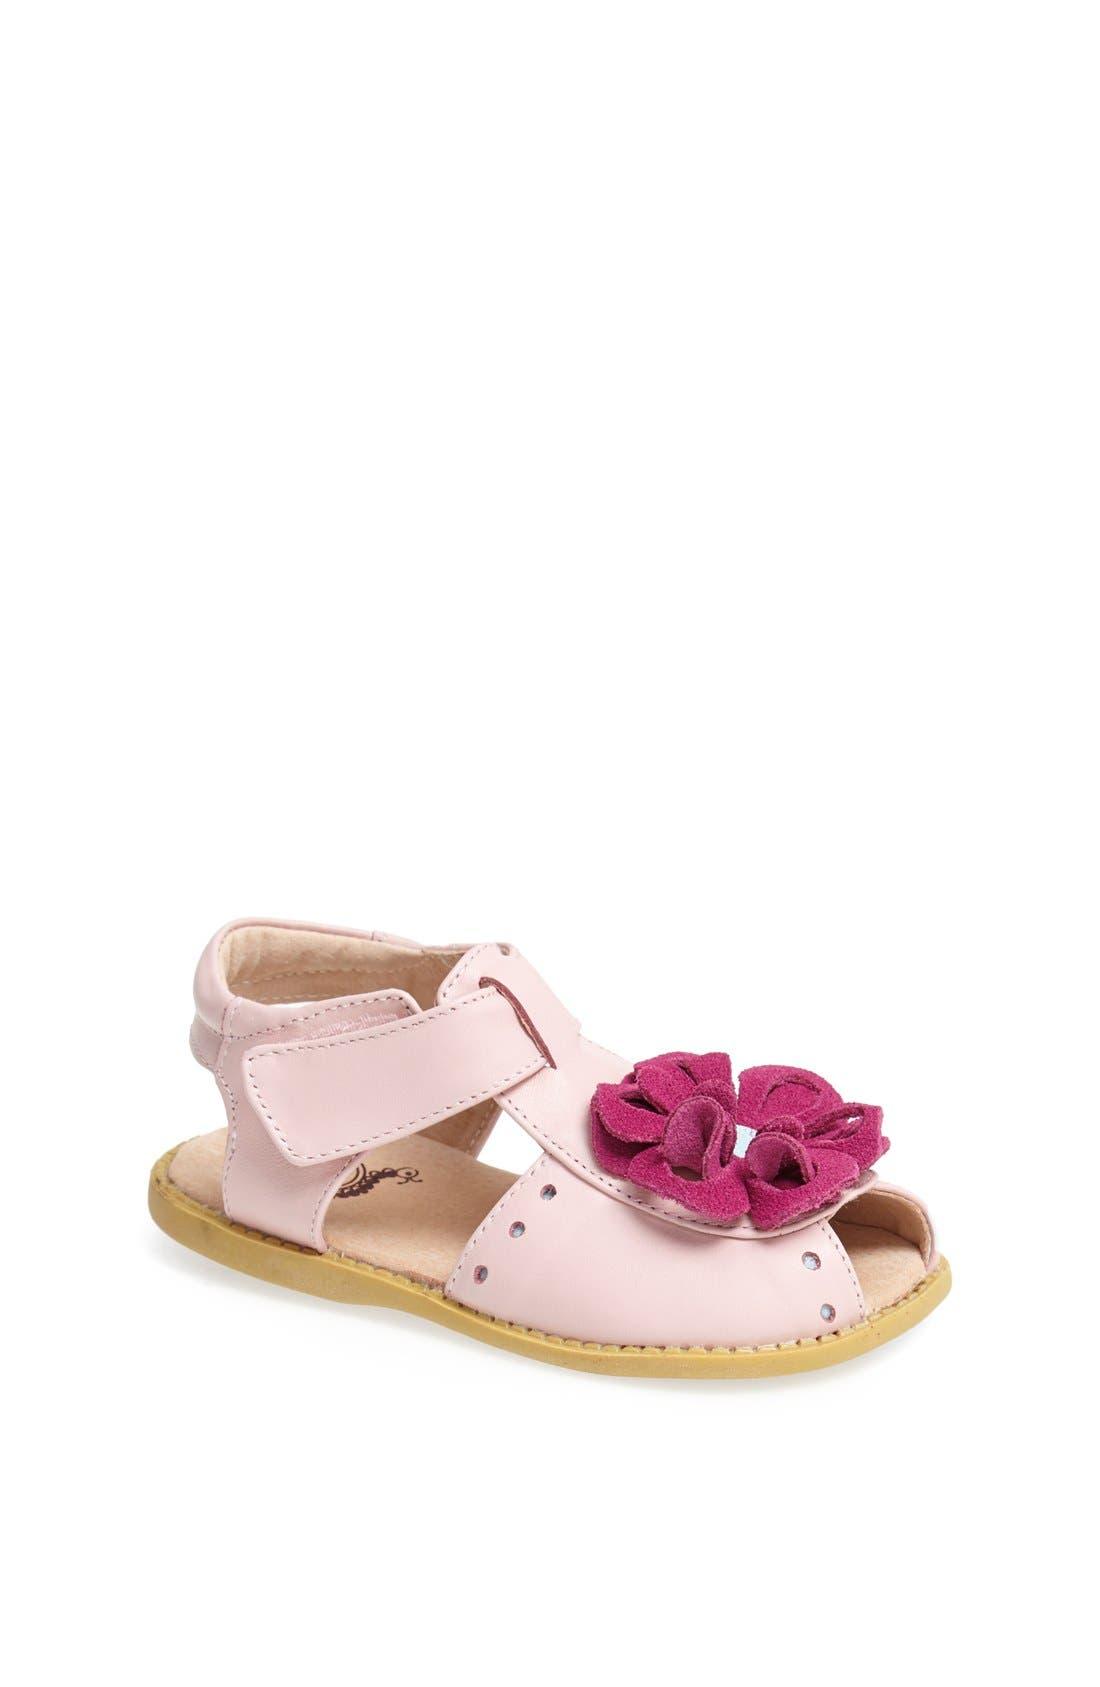 Main Image - Livie & Luca 'Bloom' Sandal (Baby, Walker & Toddler)